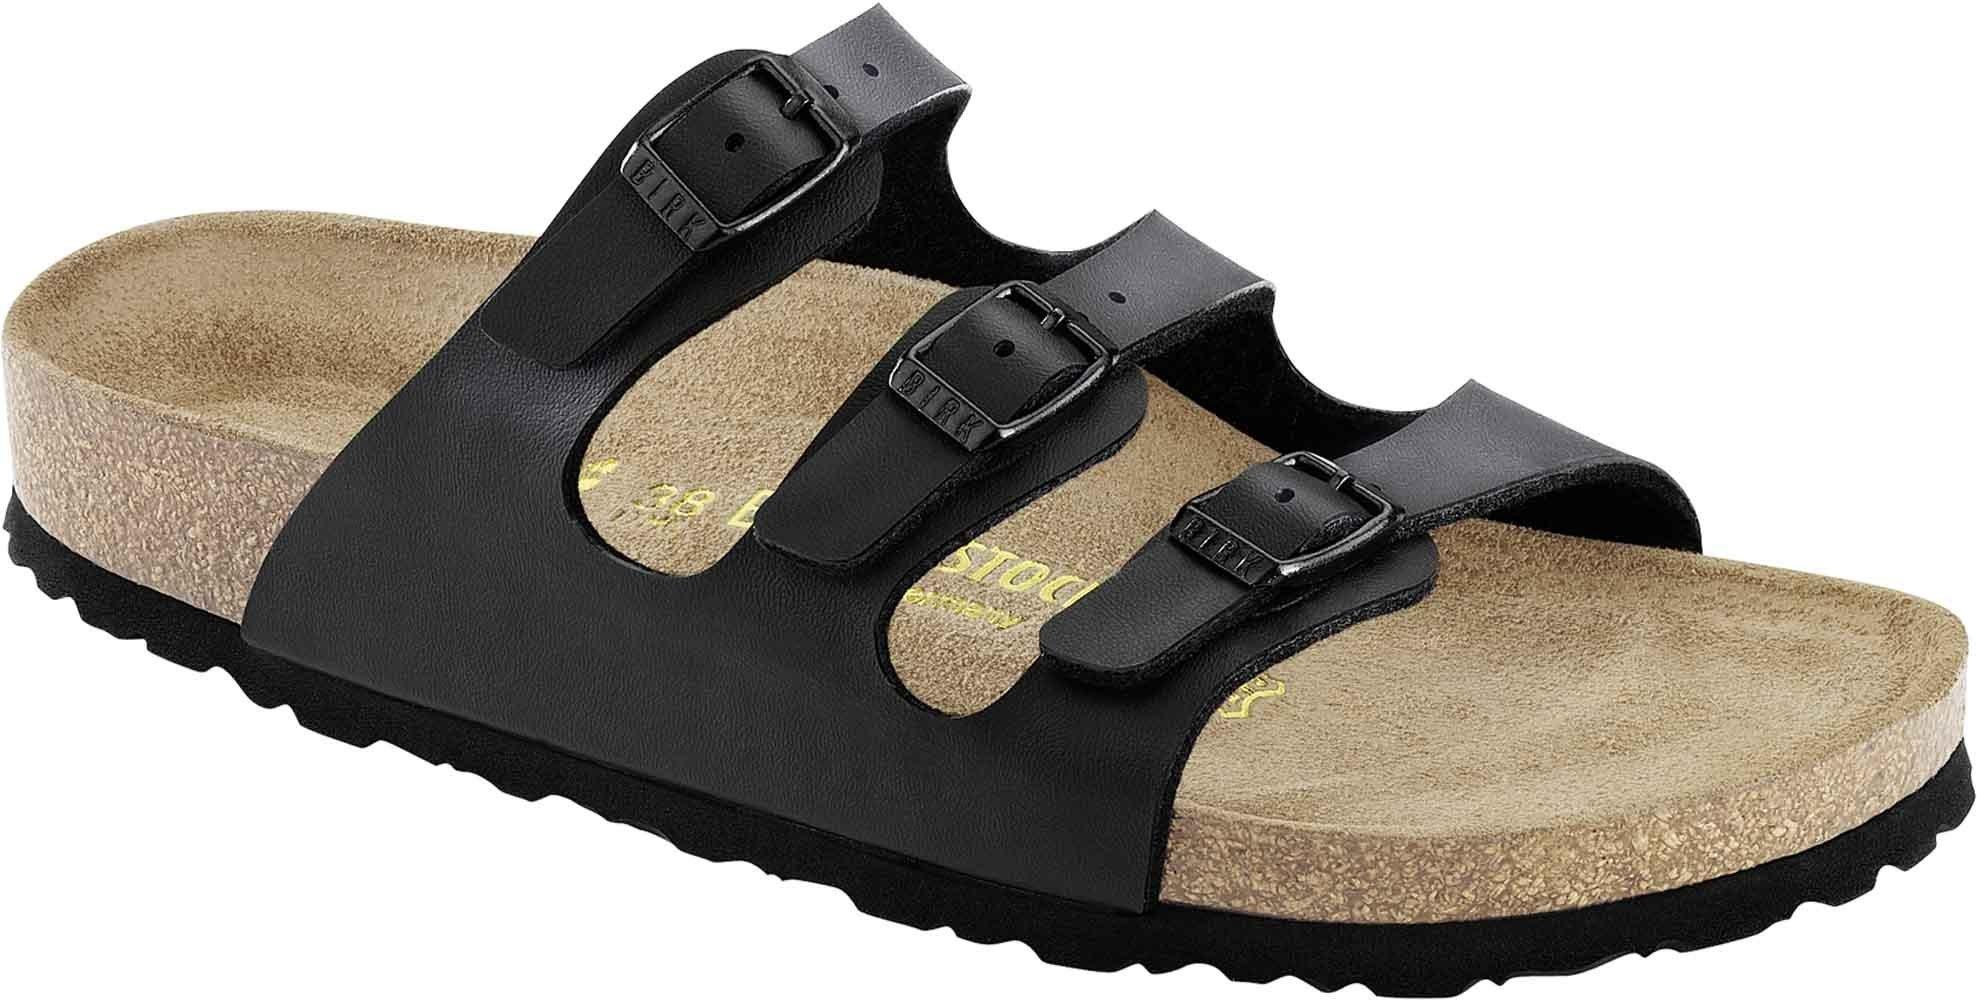 Birkenstock ''Florida'' Birko-flor Black Sandals Womens - Softfootbed - (40.0 R)